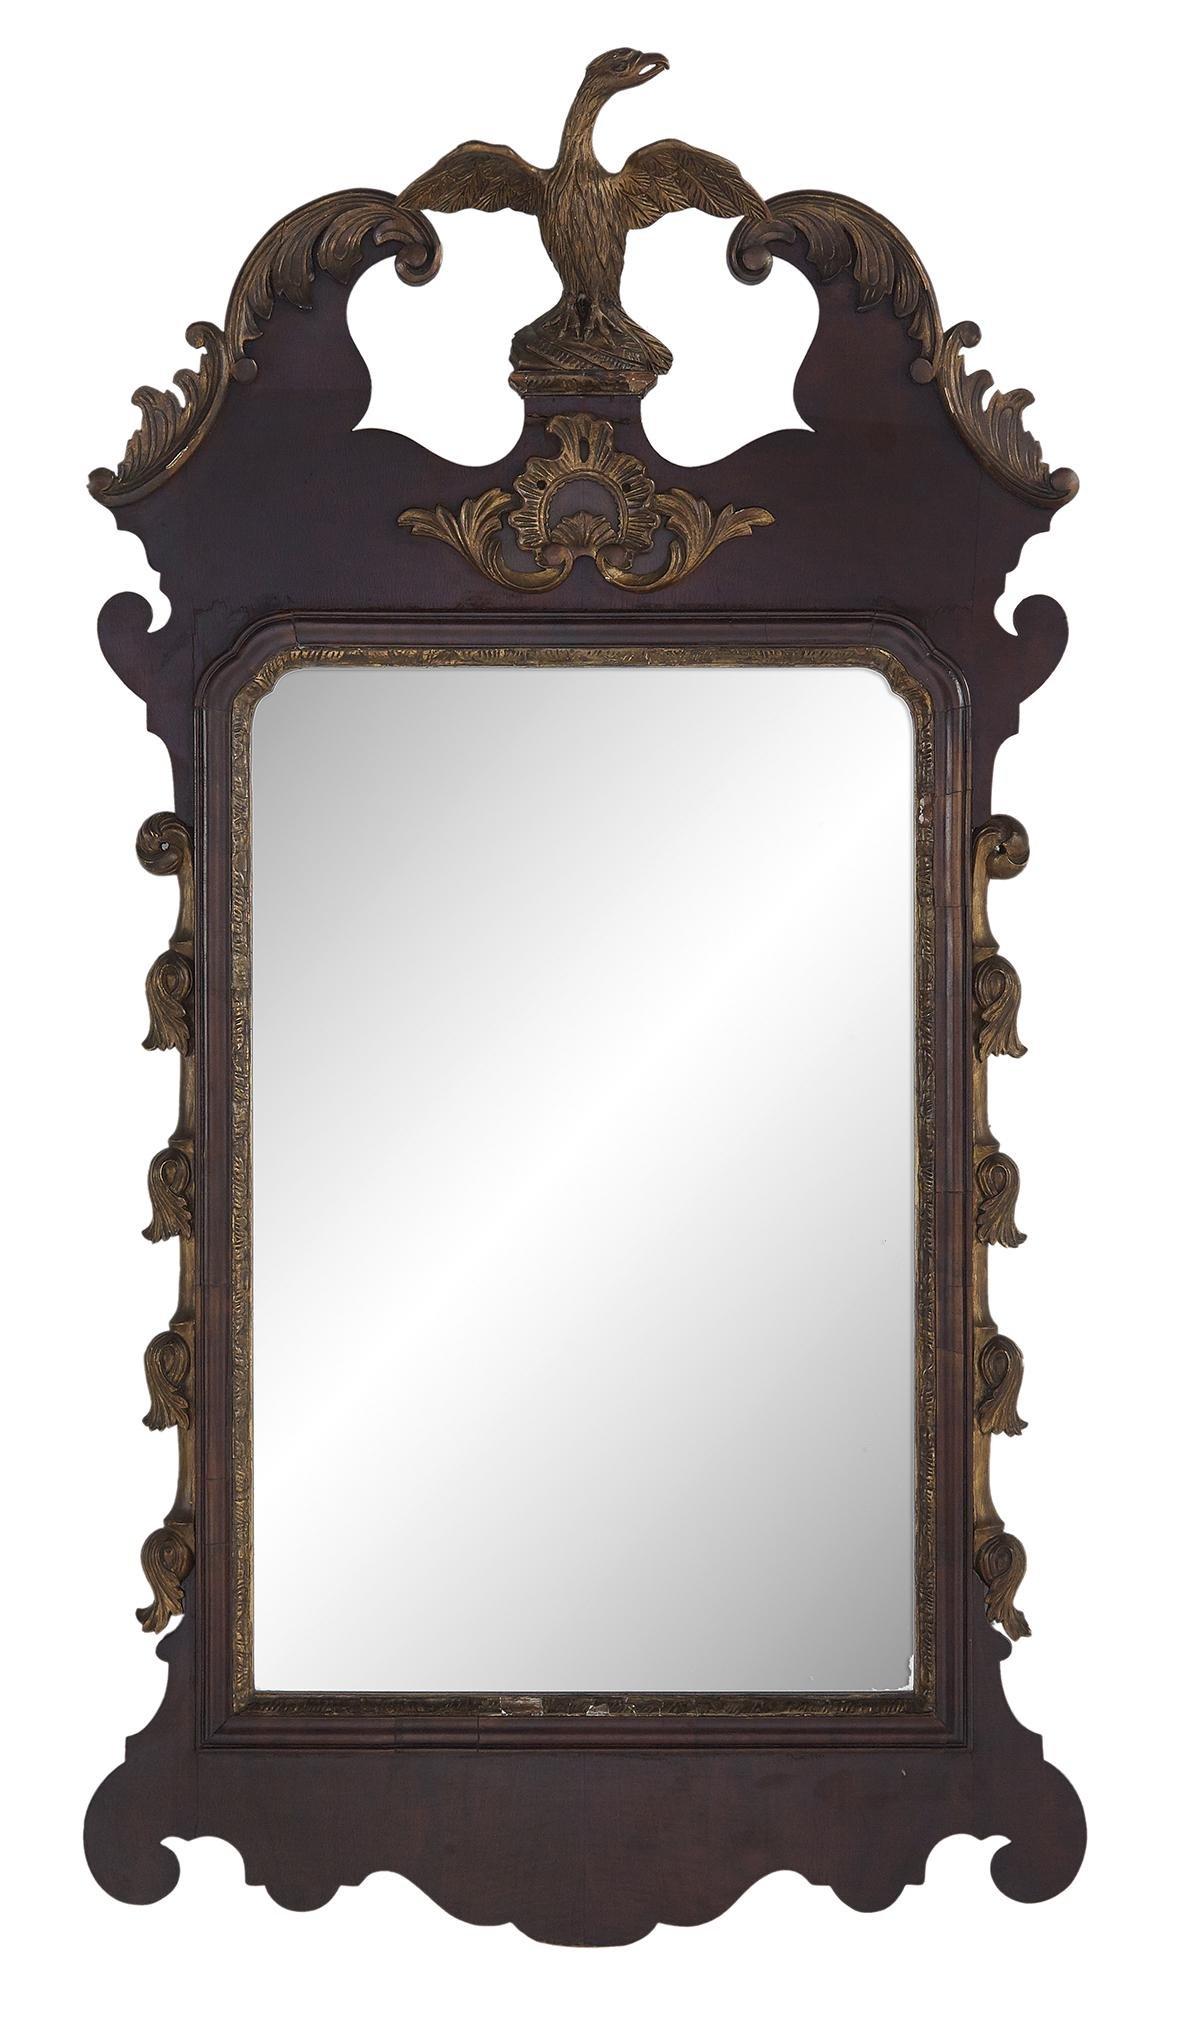 Colonial Revival Mahogany and Giltwood Mirror